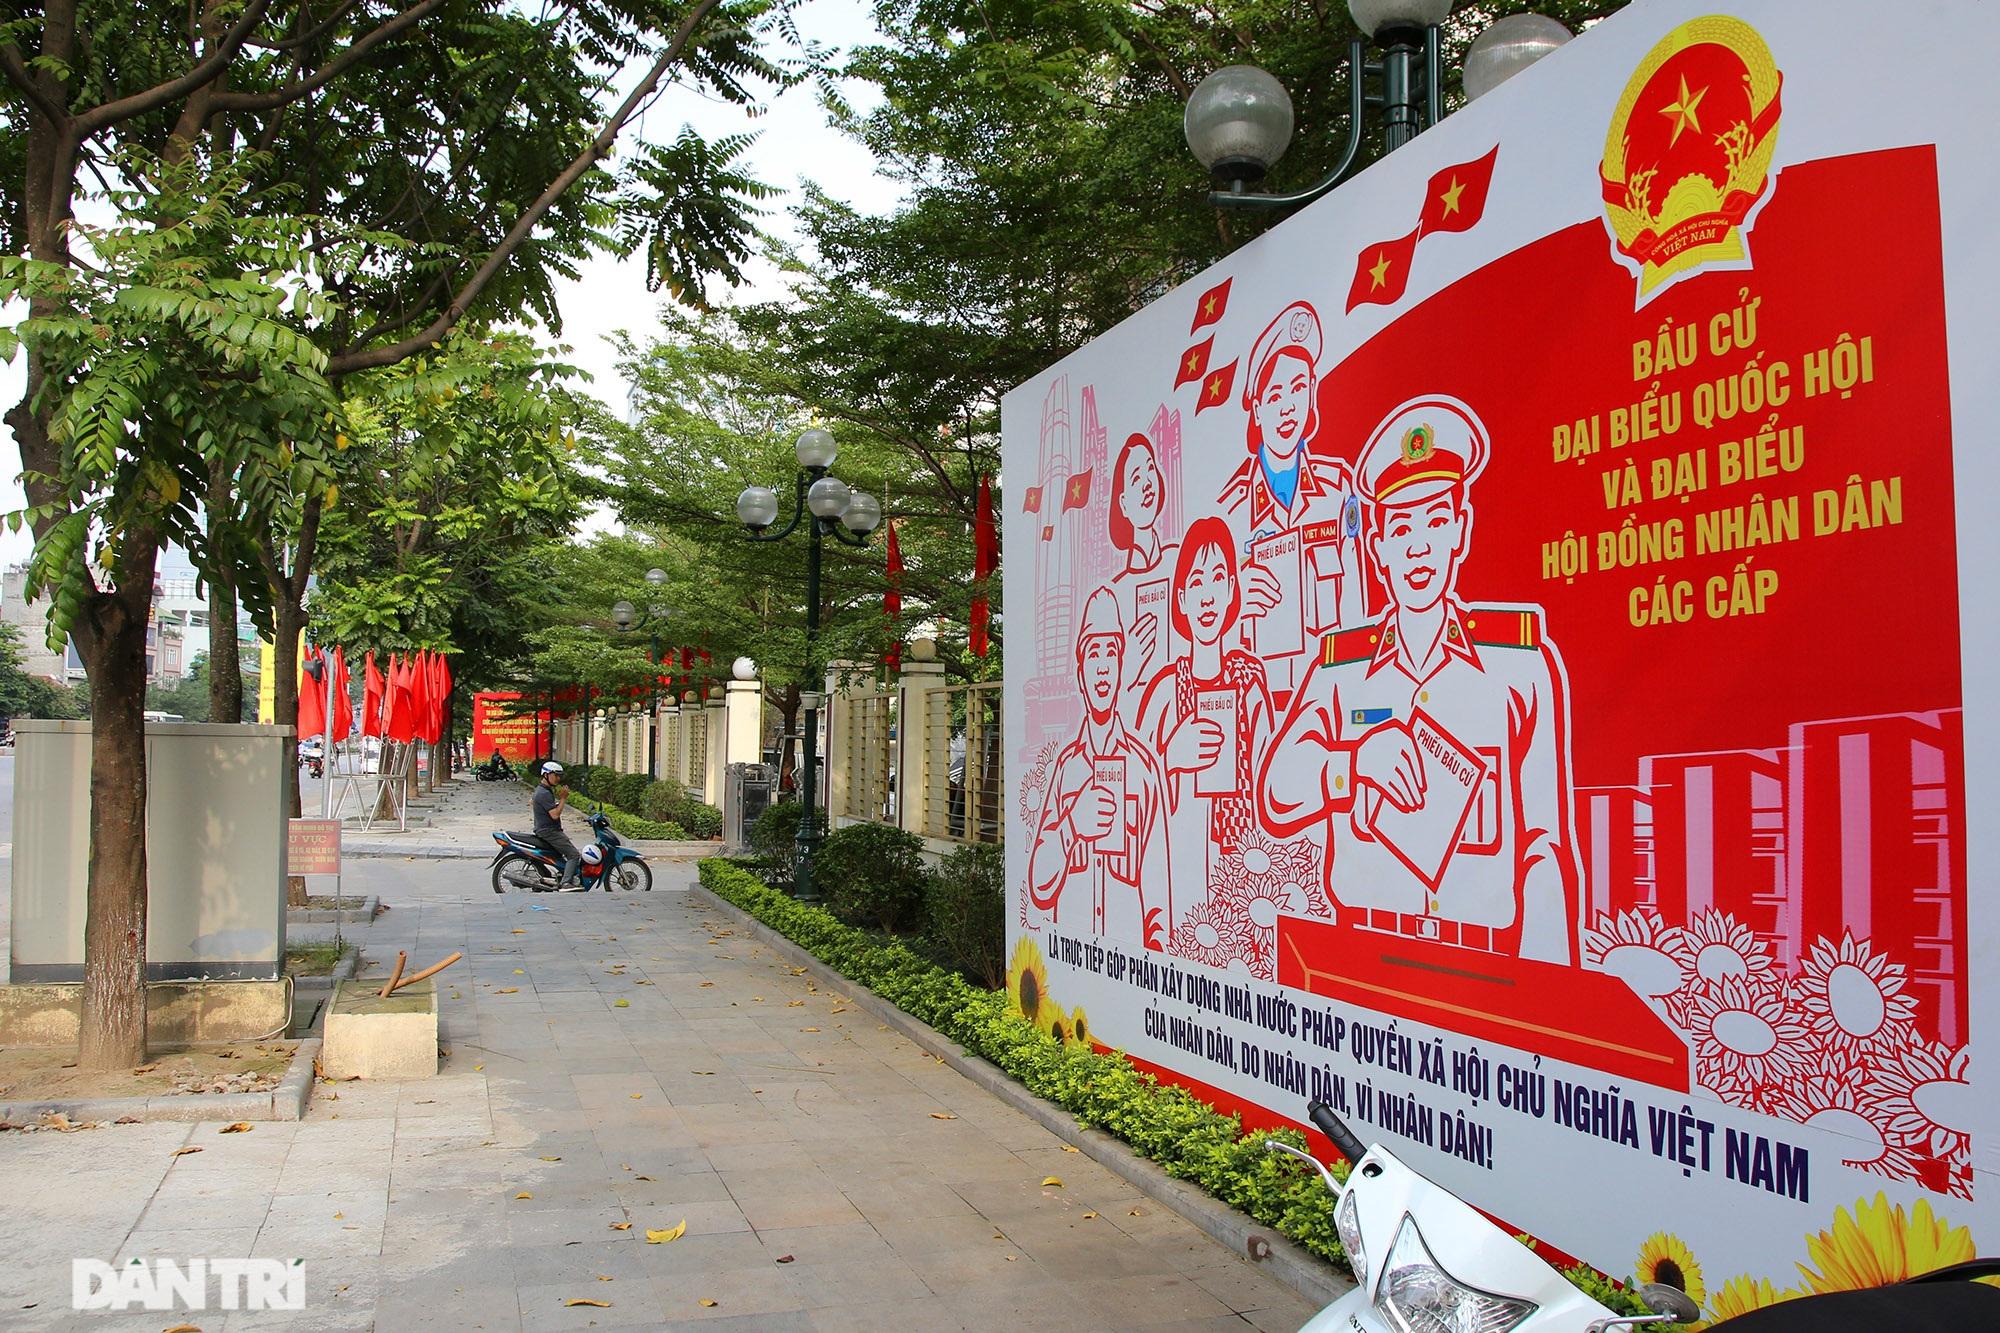 Hà Nội trang trí đường phố chào mừng cuộc bầu cử Đại biểu Quốc hội khóa XV - 5